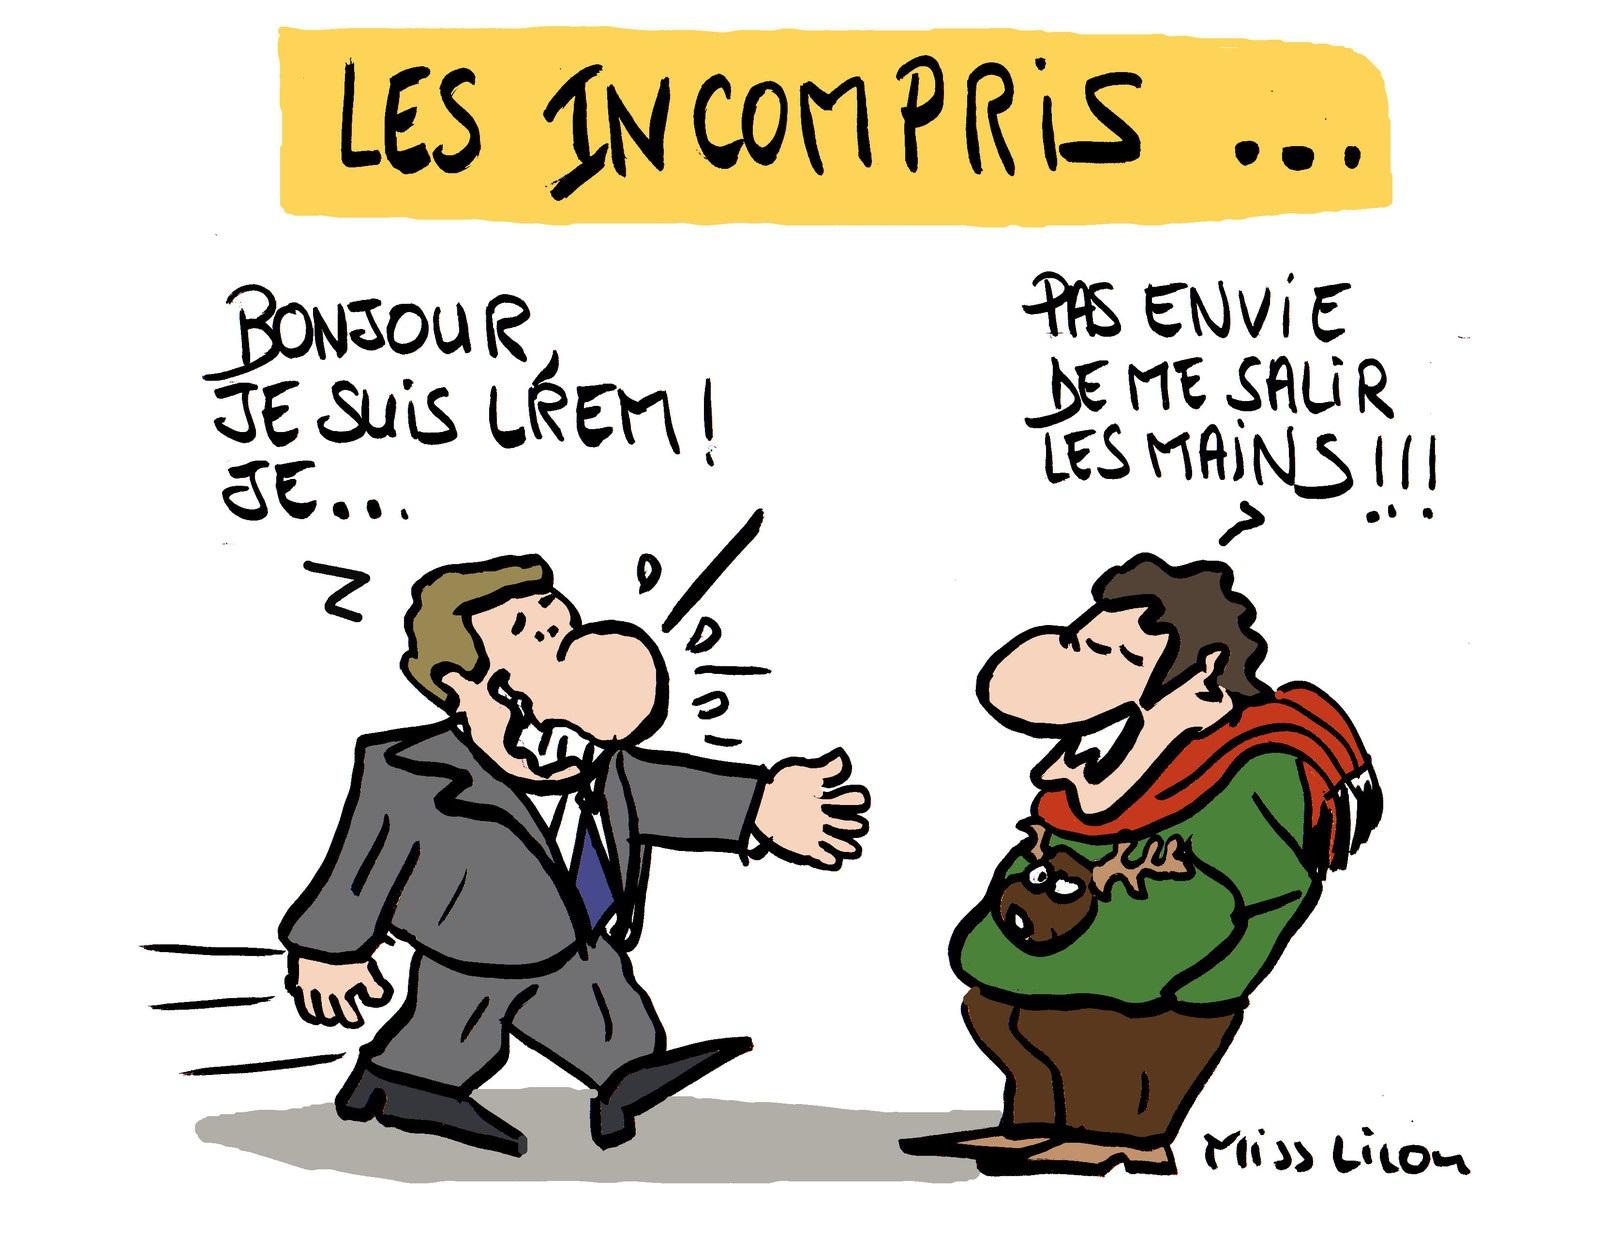 Municipales : énorme tricherie organisée par Macron-Castaner